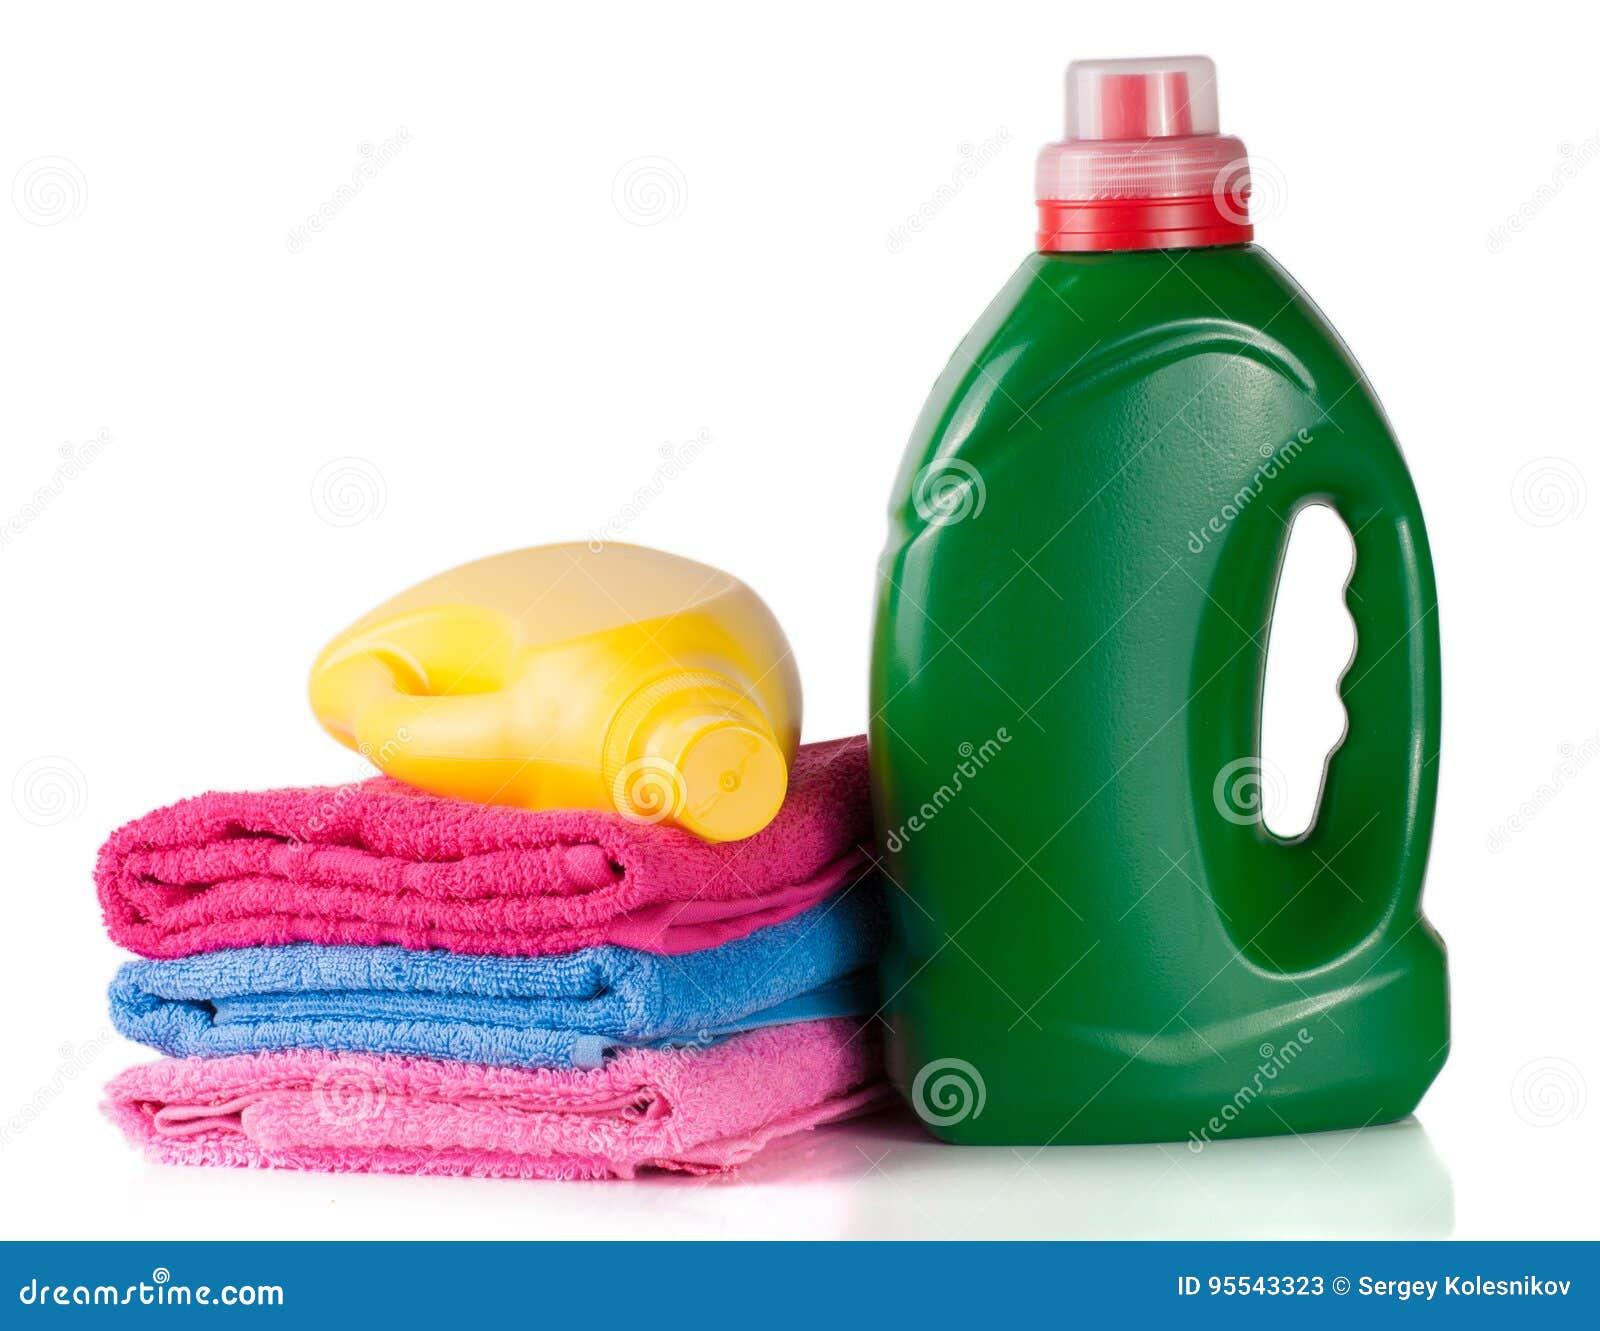 Füllen Sie Waschmittel Und Conditioner Oder